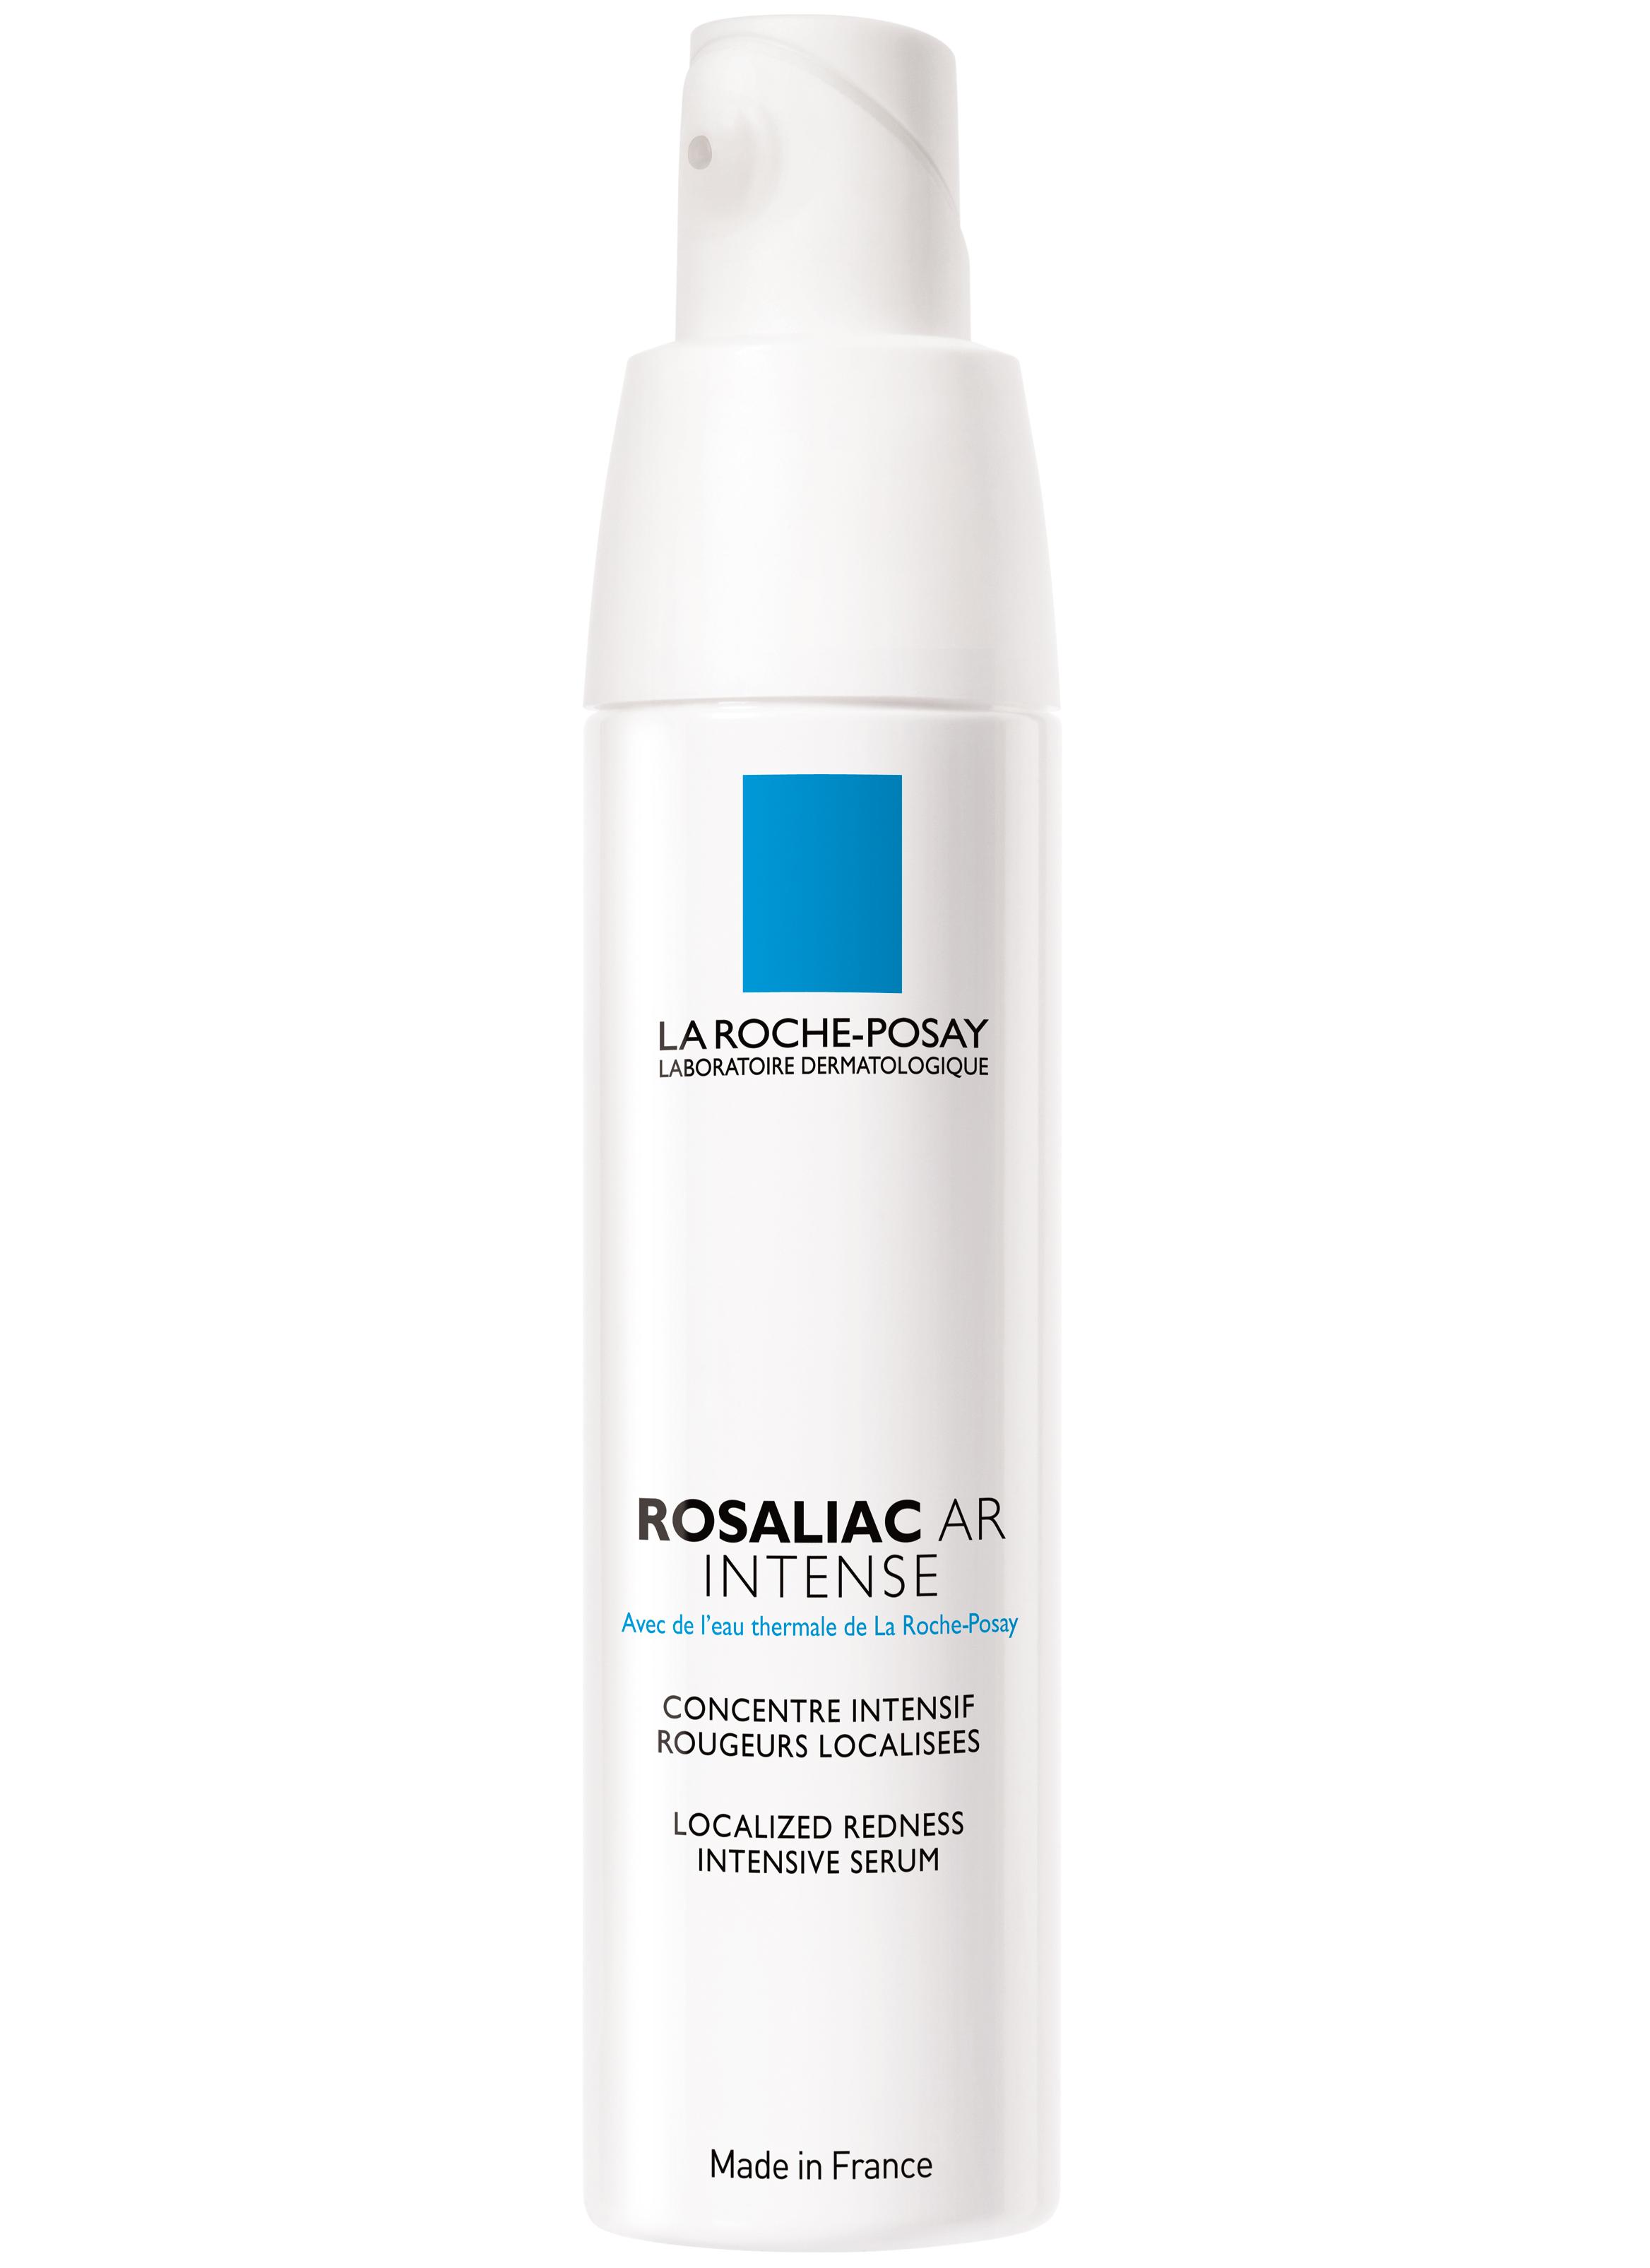 La Roche Posay Rosaliac AR Intense Εντατική Φροντίδα κατά της Επίμονης Ερυθρότητας 40ml